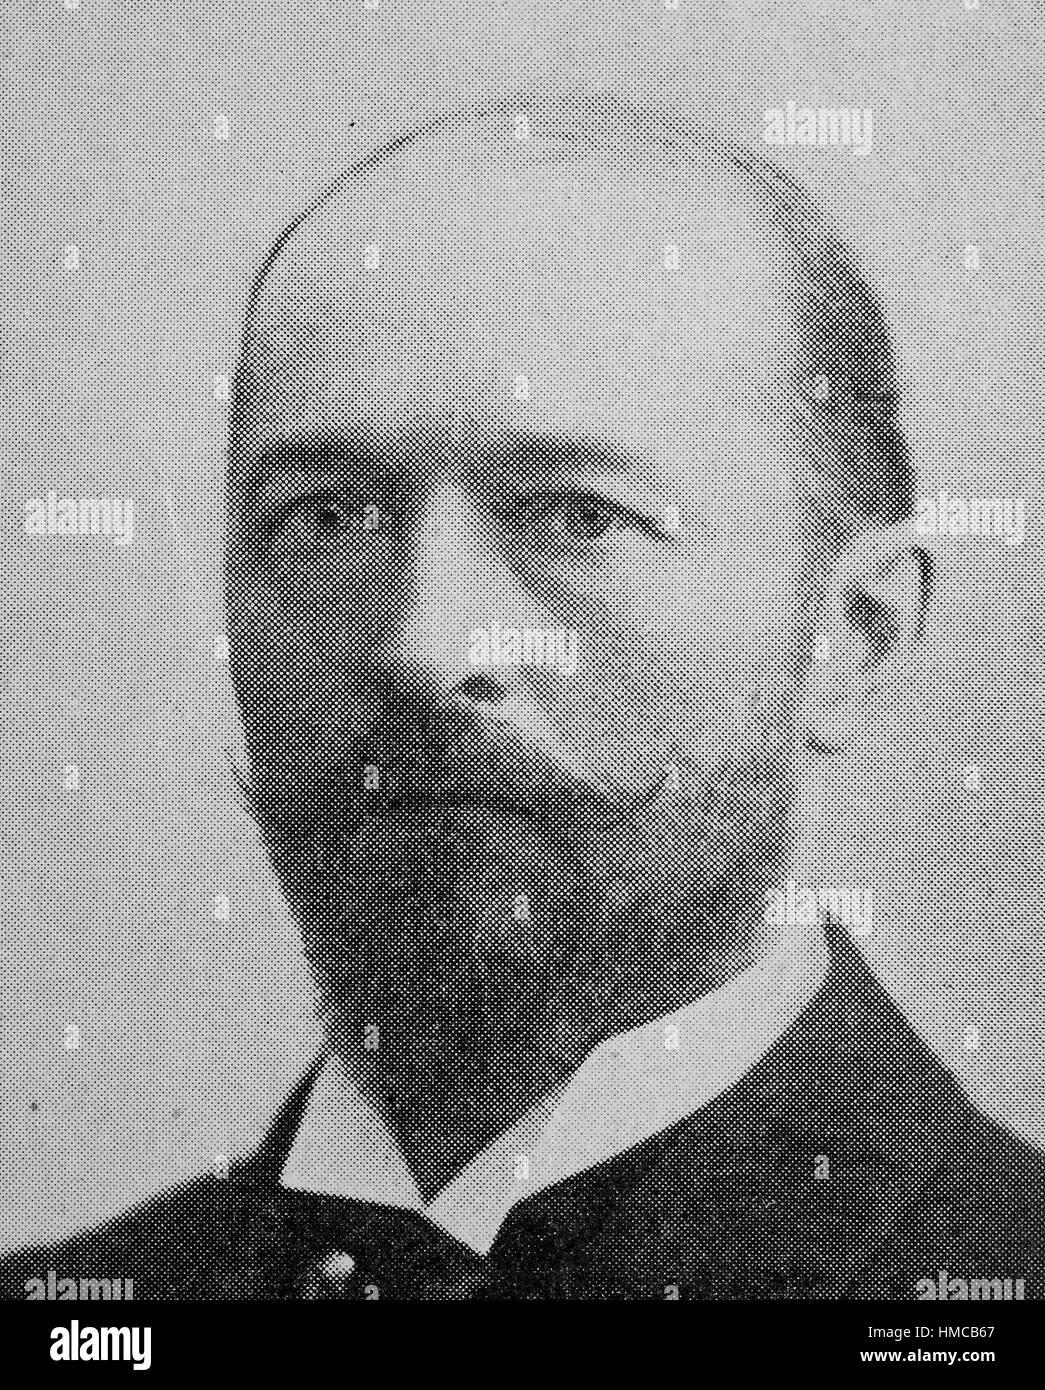 Emil von Behring, Emil Adolf von Behring, Emil Adolf Behring, nacido el 15 de marzo de 1854 - 31 de marzo de 1917, Imagen De Stock